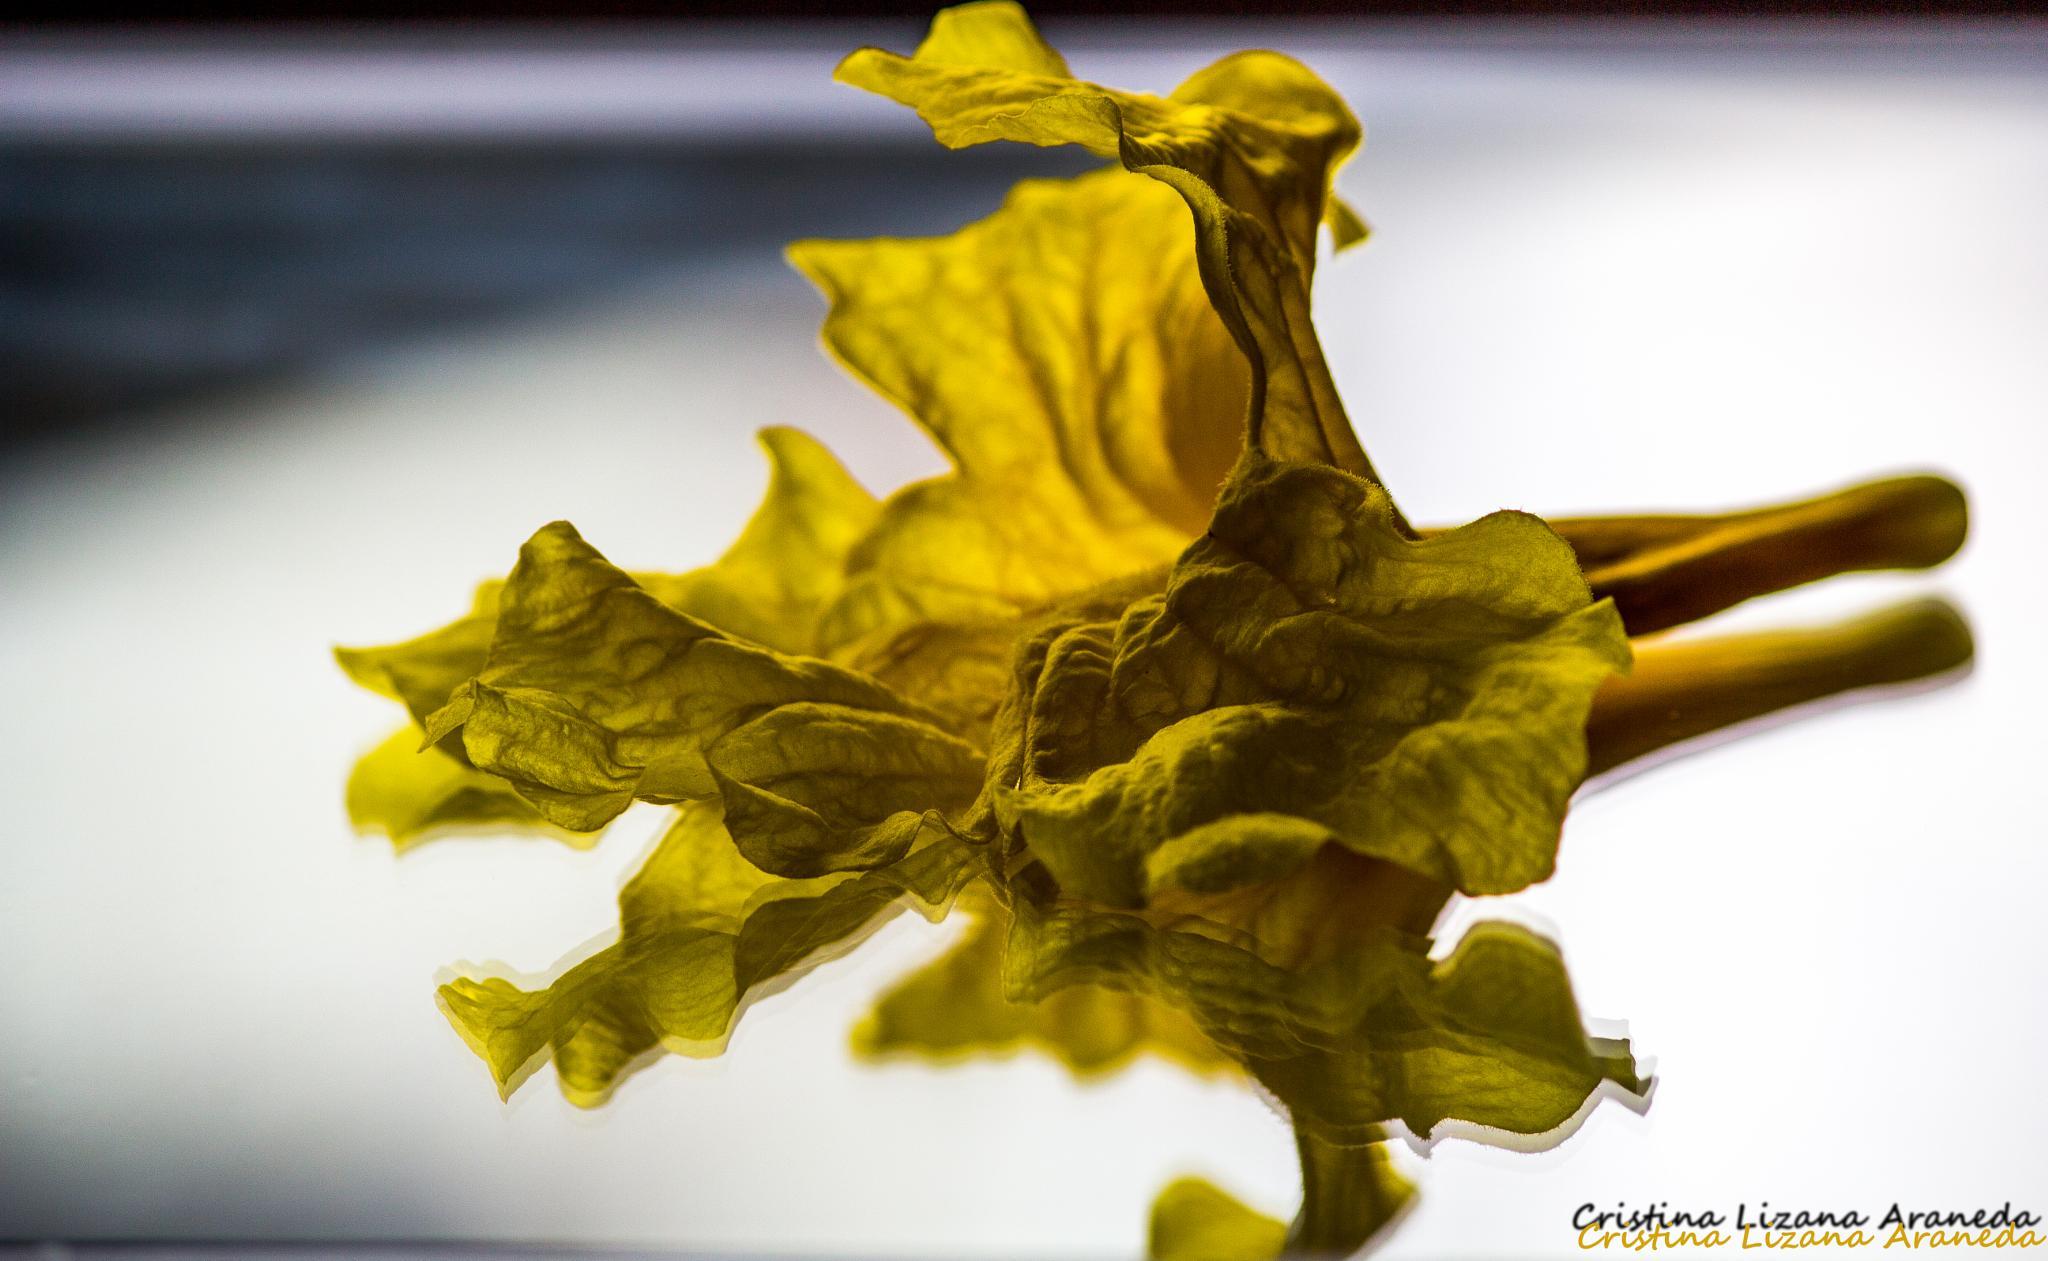 Flor de Araguaney by Cristina Lizana